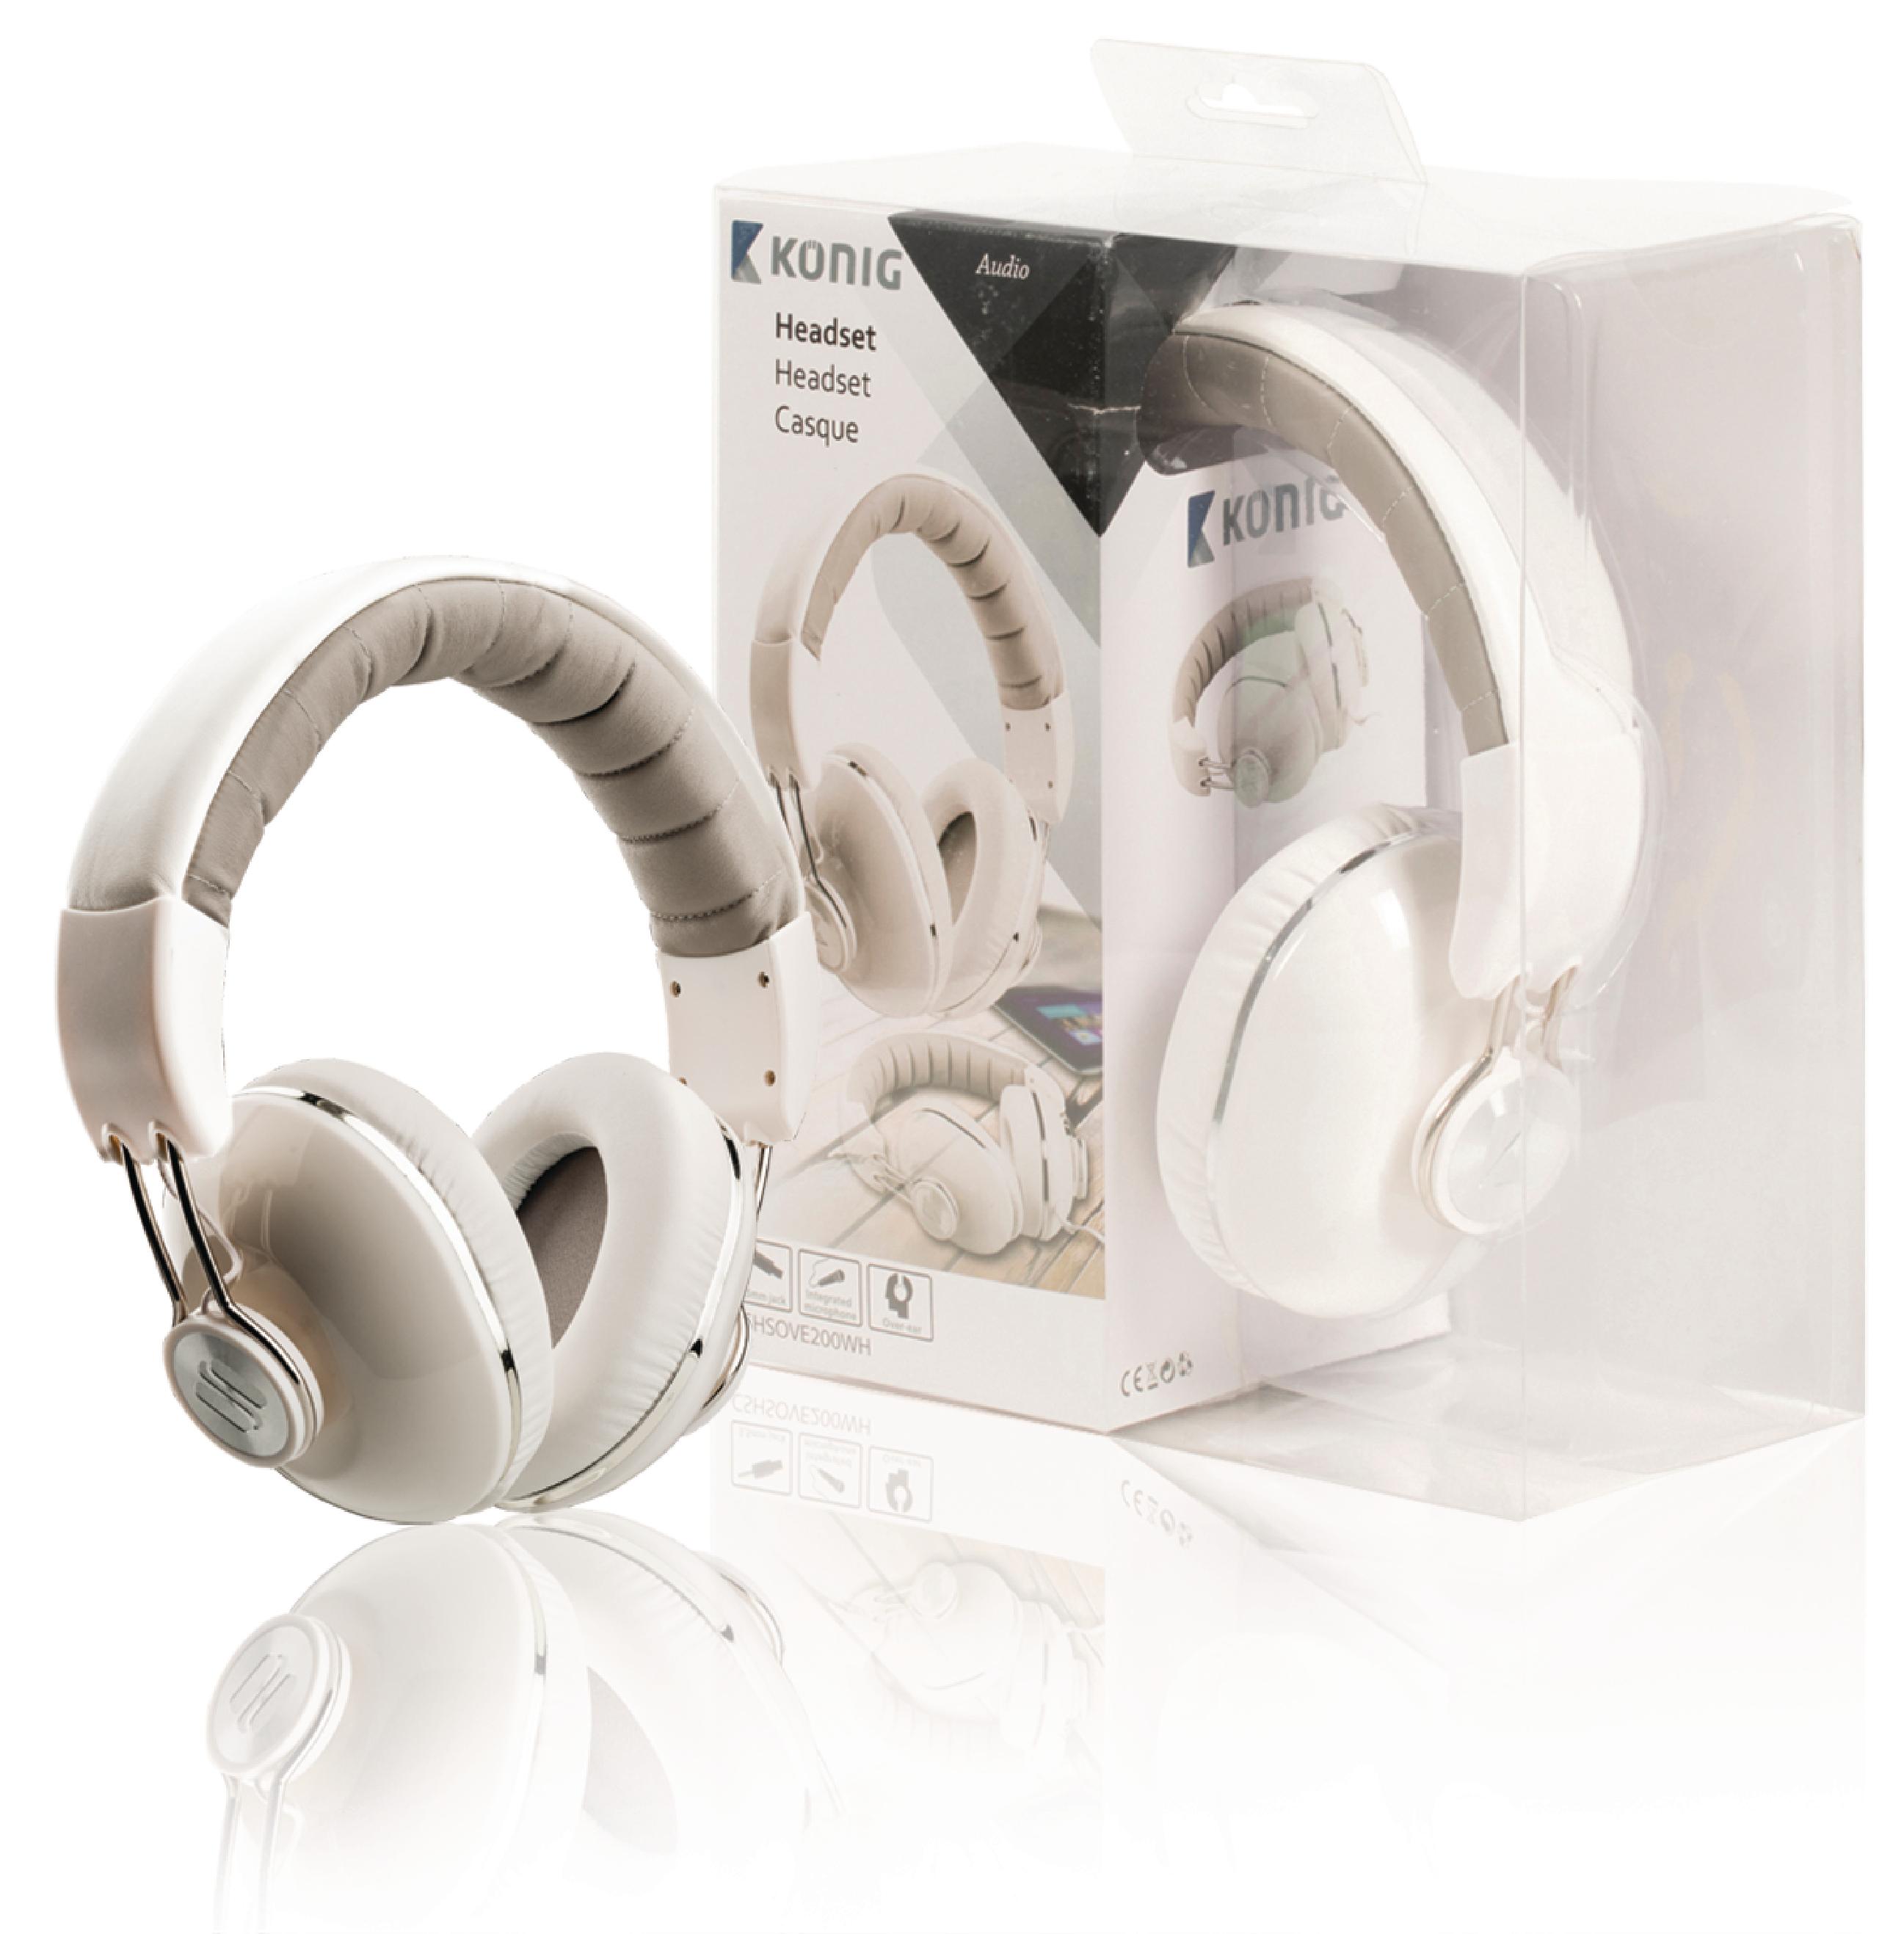 KÖNIG AUDIO zárt sztereó fejhallgató-mikrofonnal - Műszaki Pince 5546272115